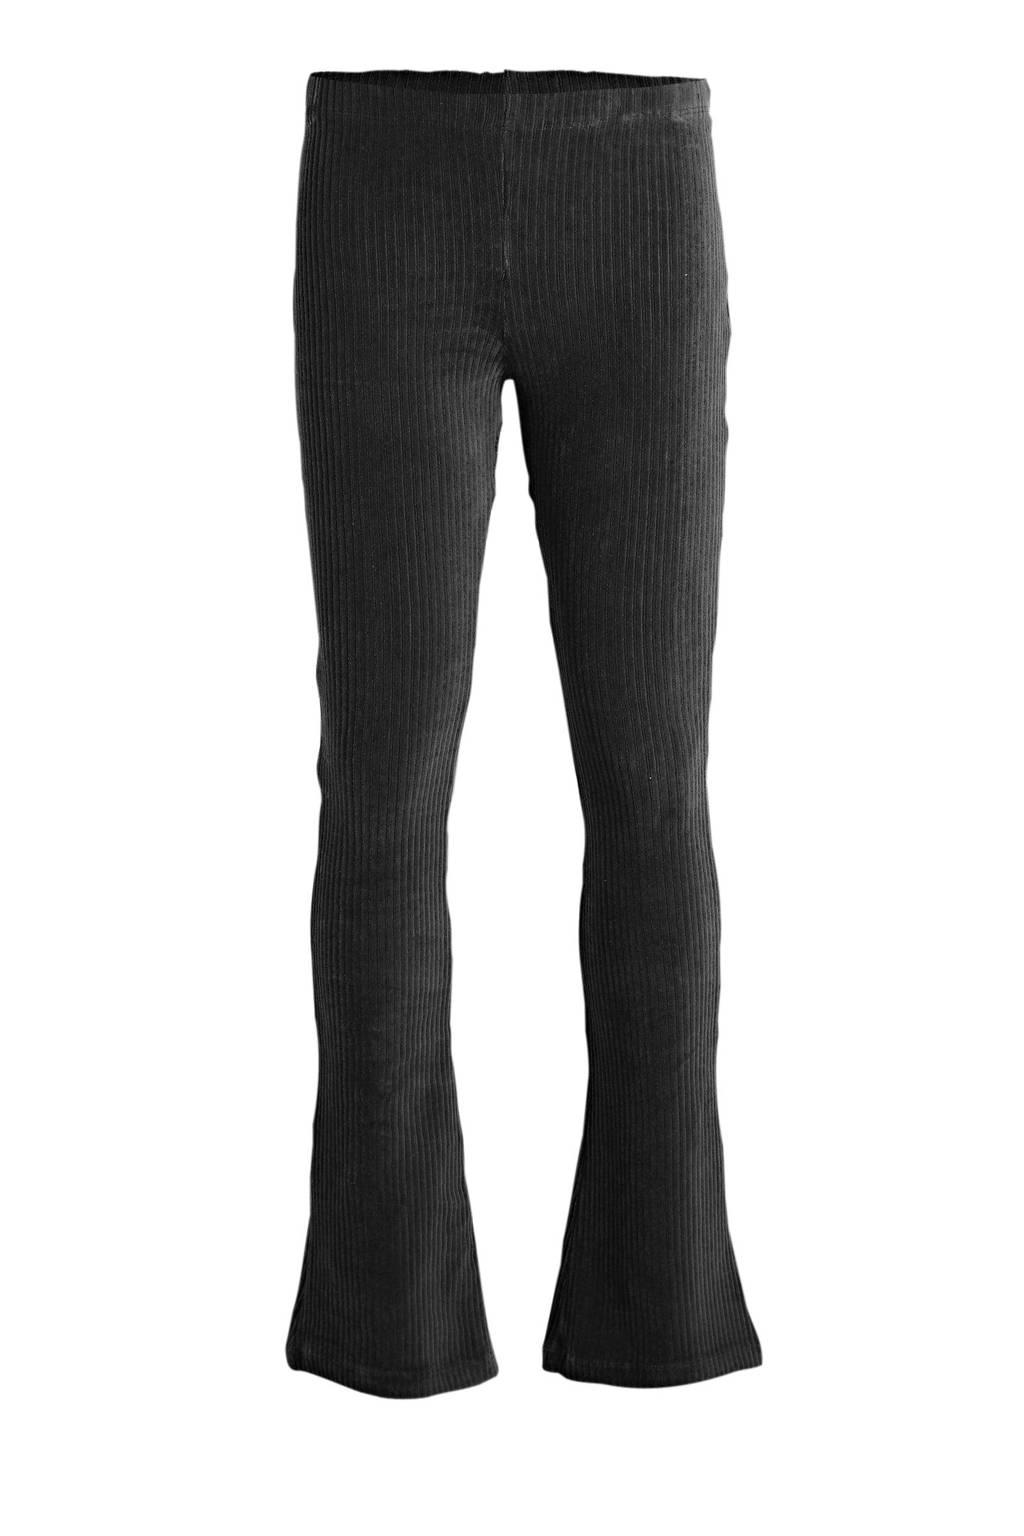 Cars corduroy high waist broek Zuma zwart, Zwart